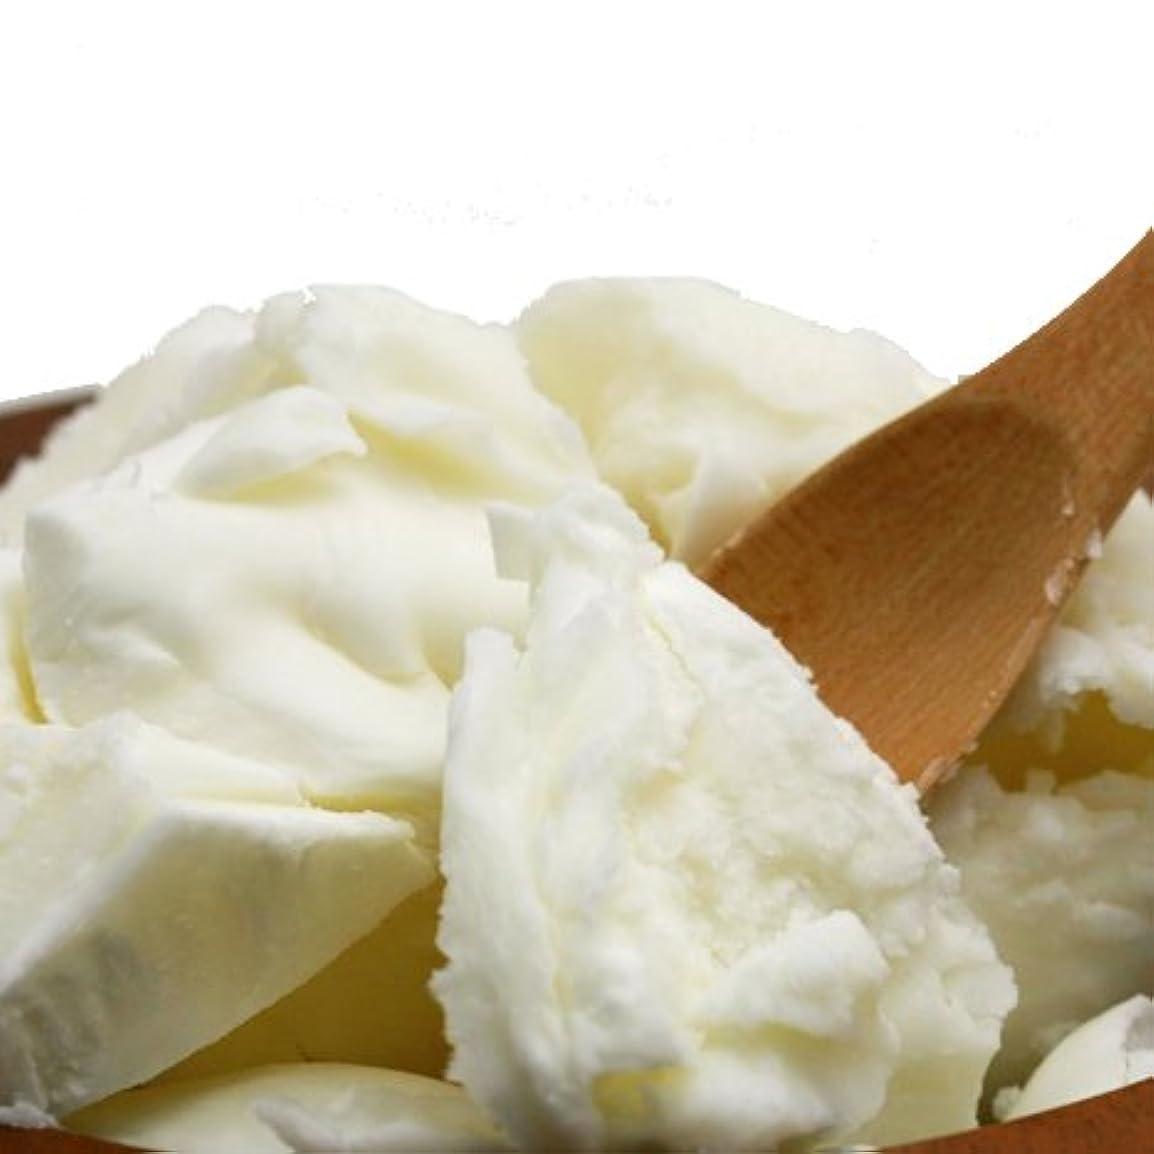 予防接種するコース太平洋諸島オーガニック 精製シアバター 50g シア脂 【手作り石鹸/手作りコスメ/手作り化粧品】